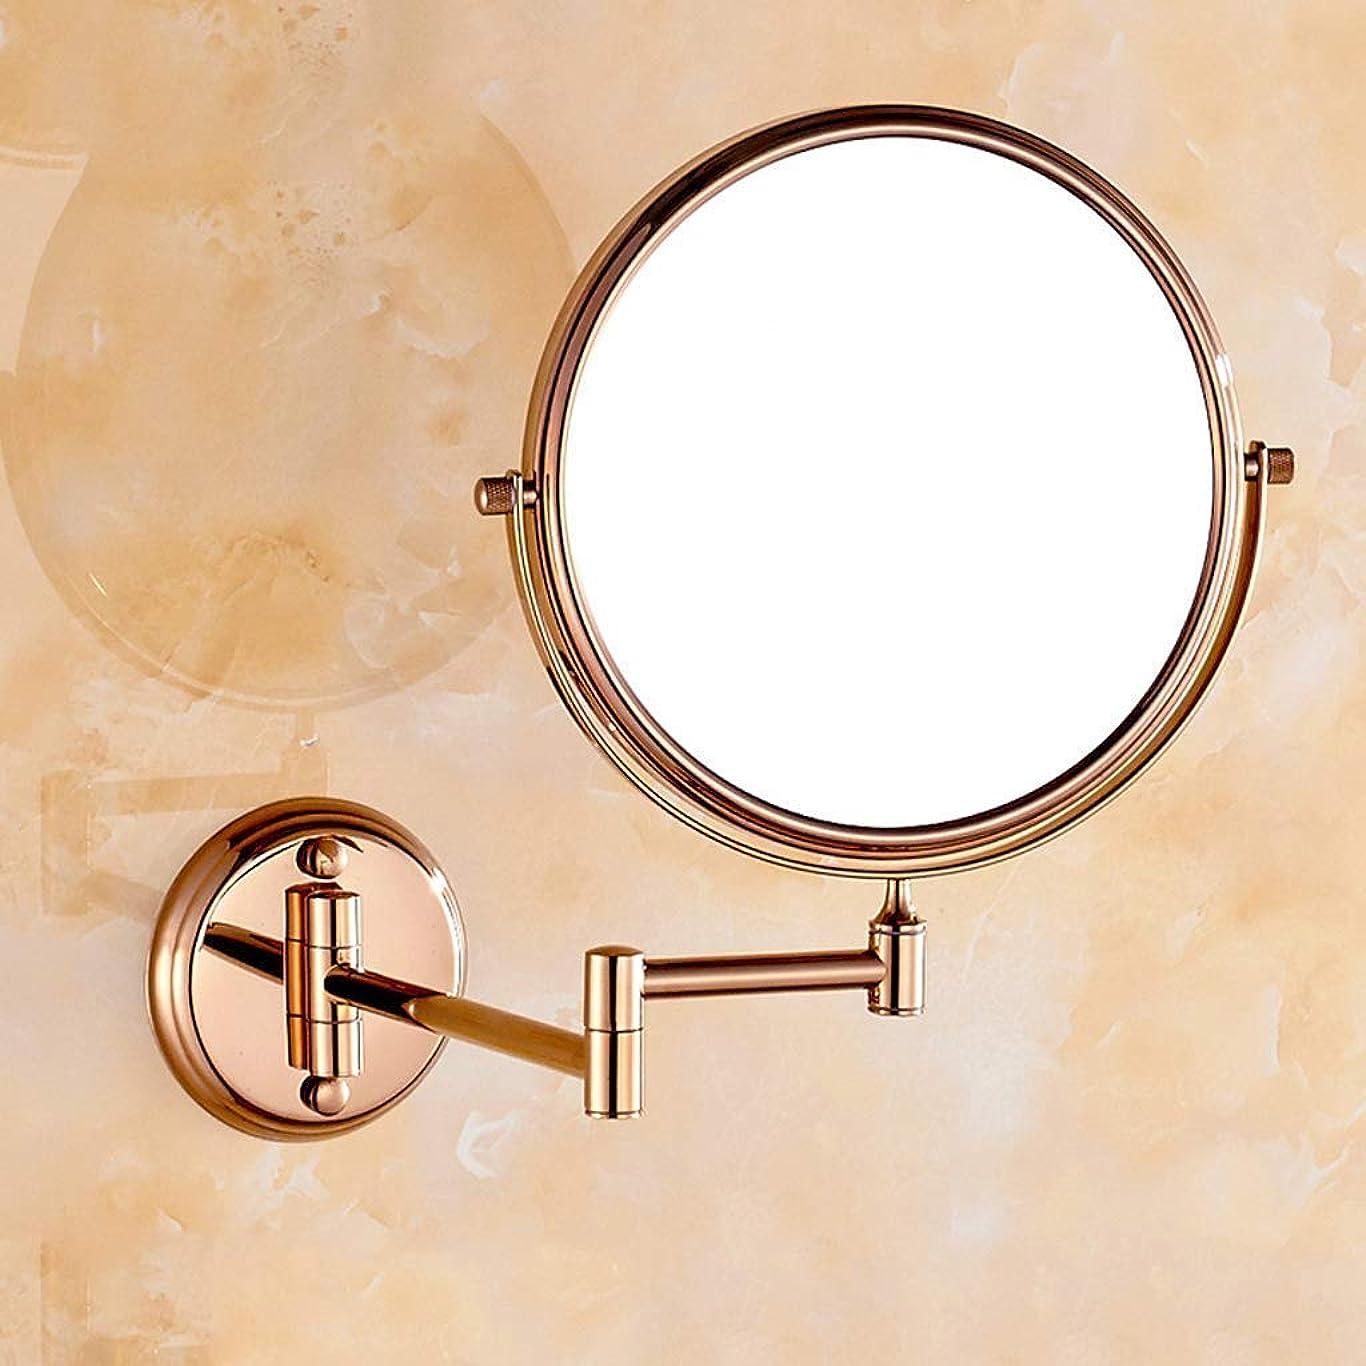 スキャンクスクス熟達美しくて明るい 化粧鏡のフルコッパーローズゴールド両面化粧鏡浴室の3倍拡大鏡ビューティミラー8インチ